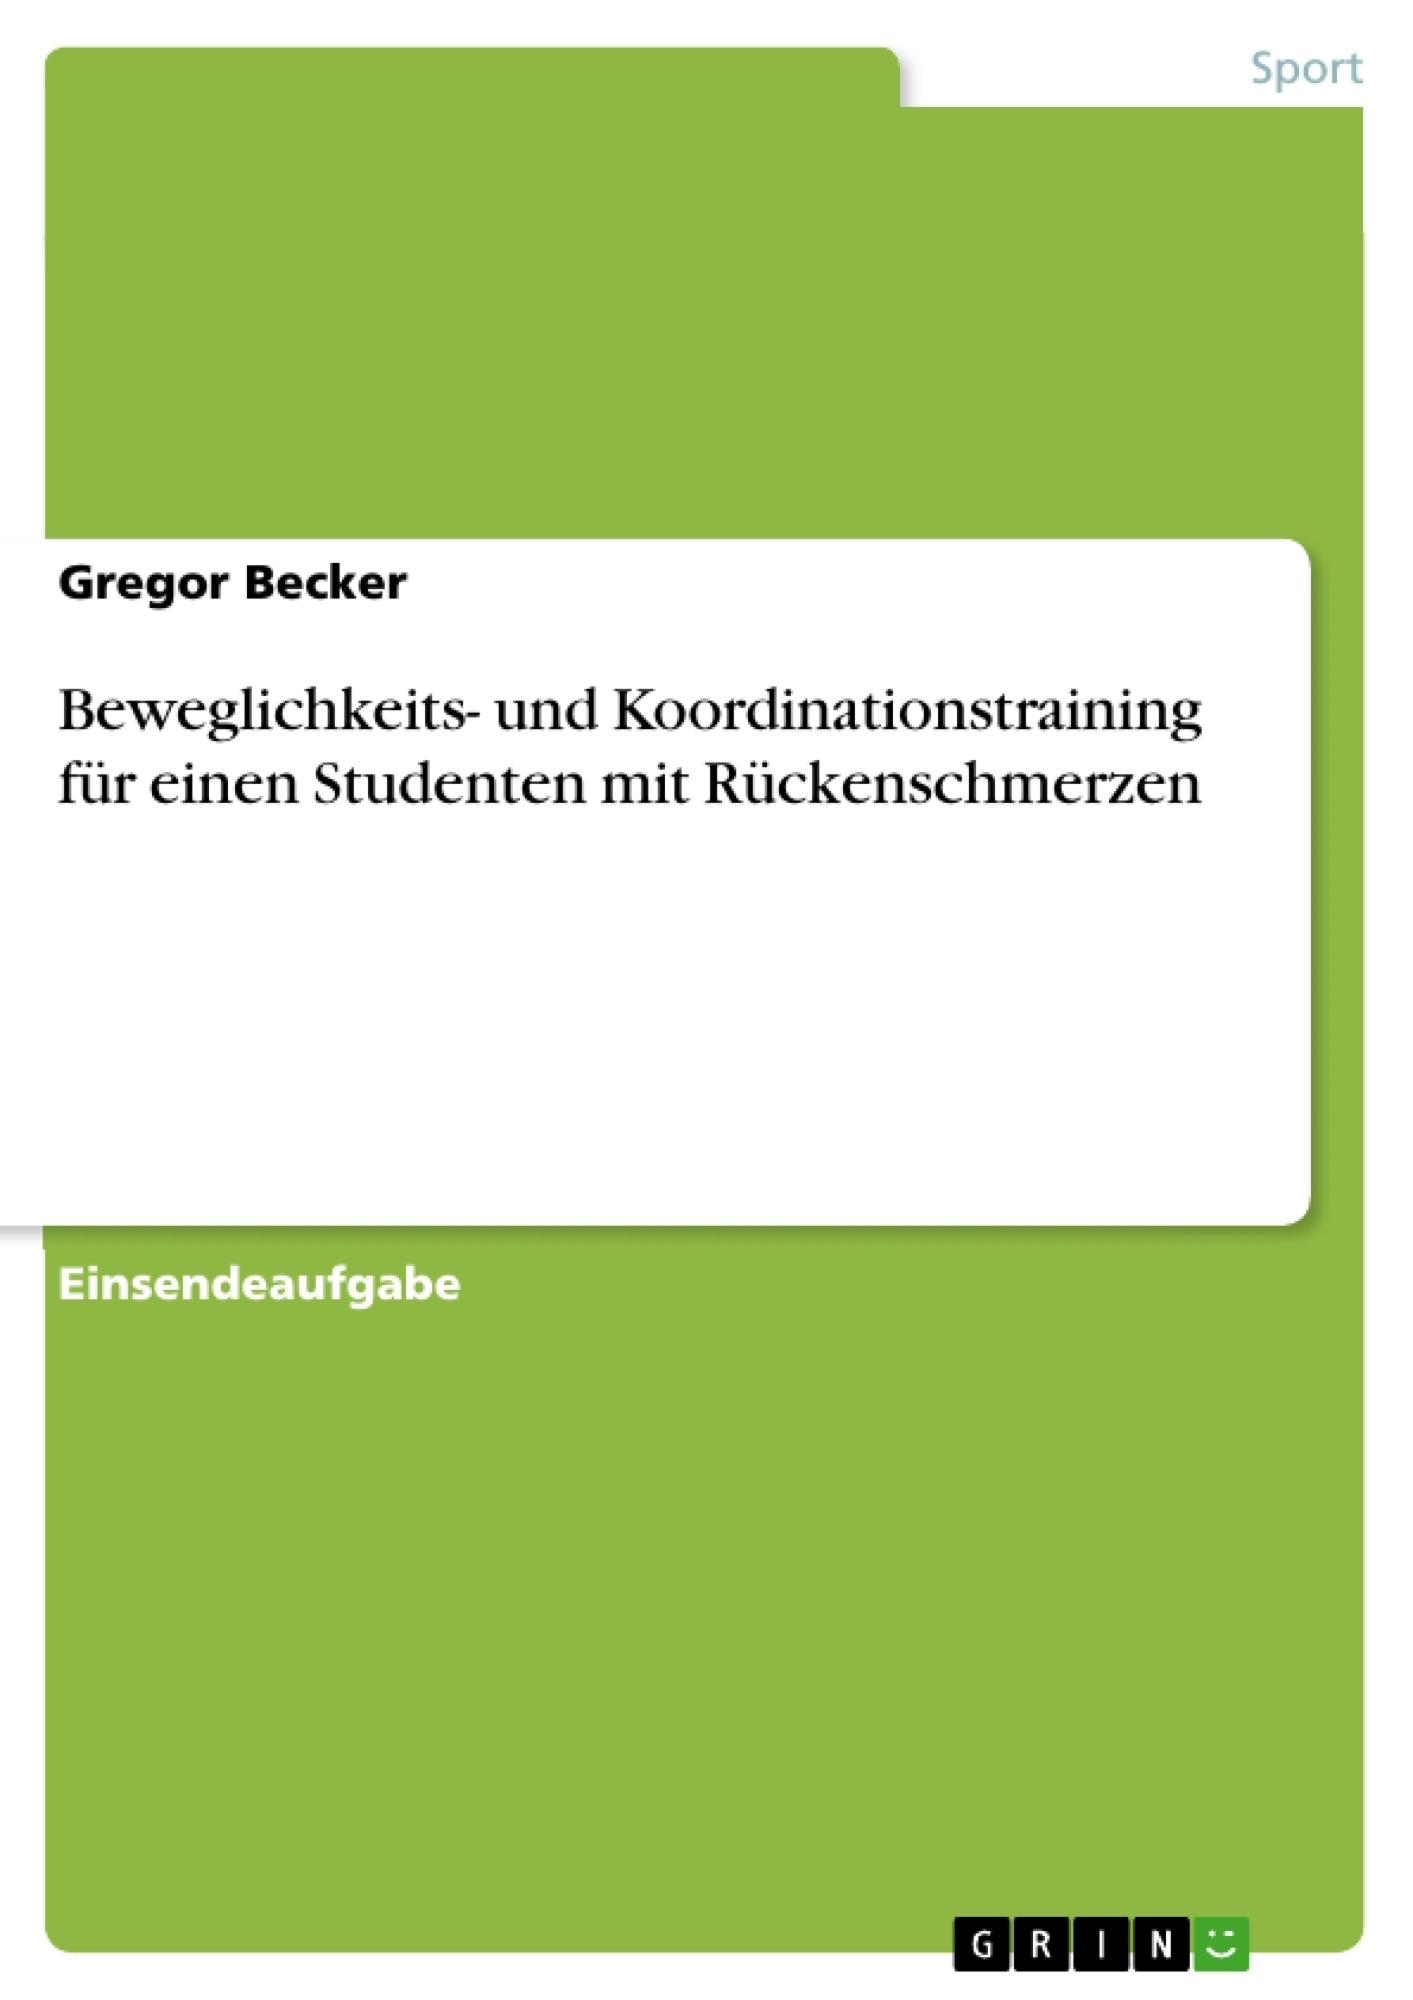 Titel: Beweglichkeits- und Koordinationstraining für einen Studenten mit Rückenschmerzen